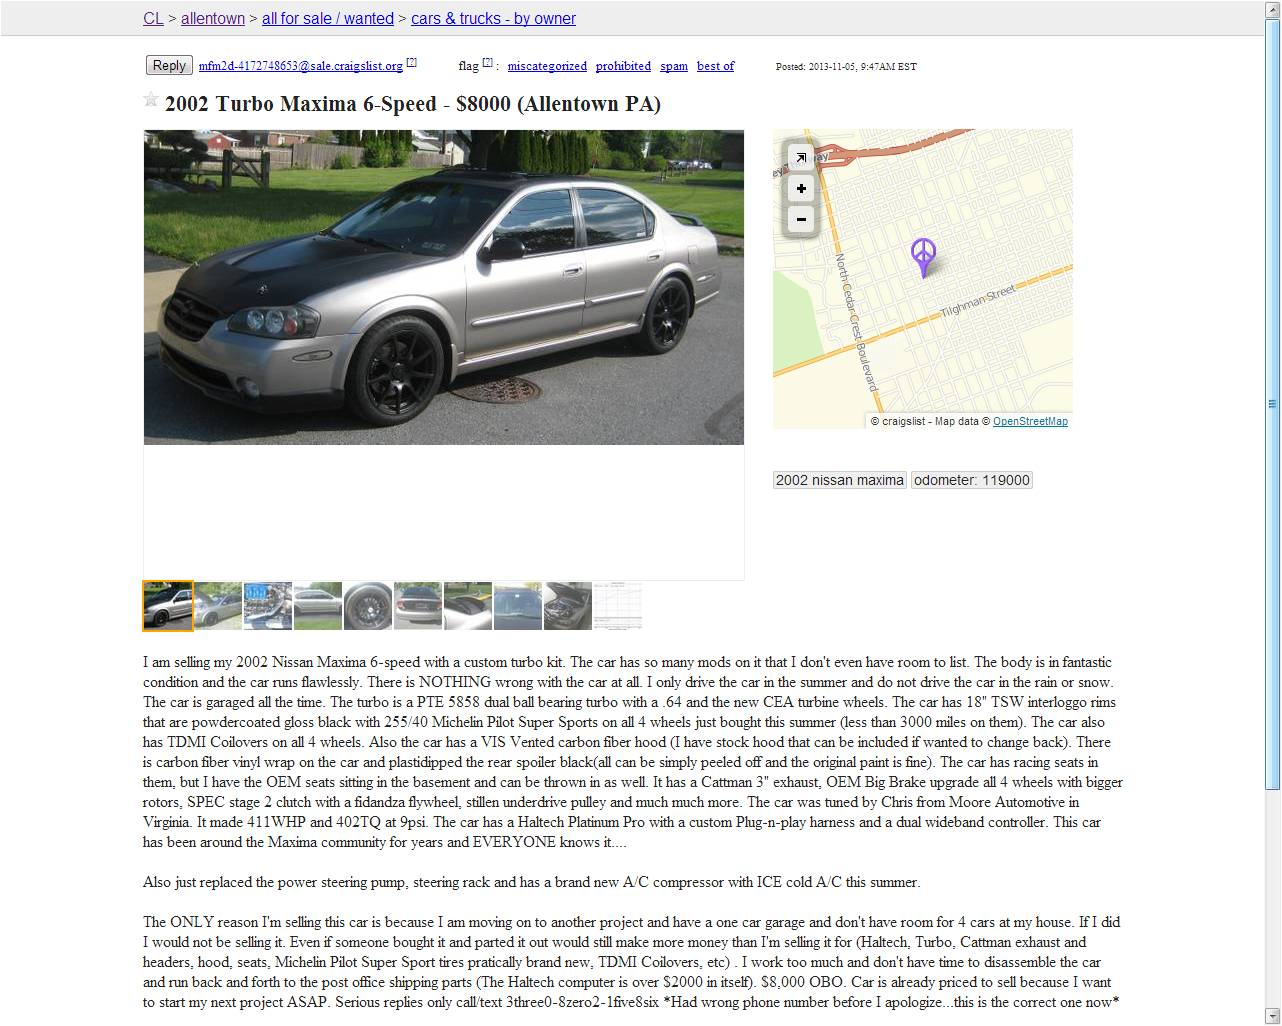 PA 2002 Turbo Nissan Maxima 6-speed $8,000